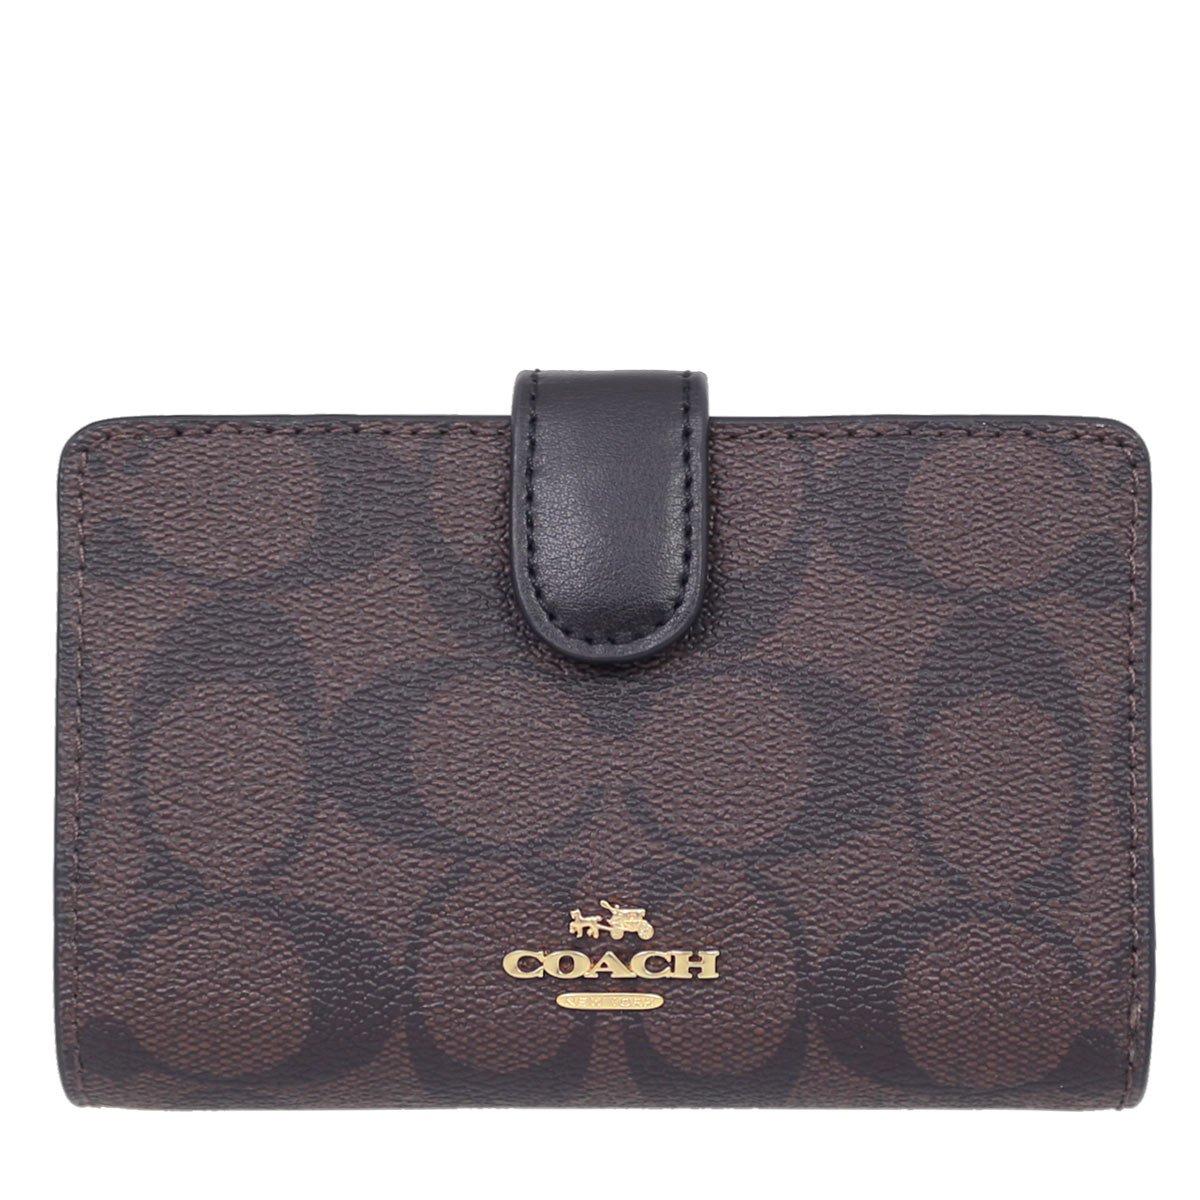 [コーチ] COACH 財布 (二つ折り財布) F23553 シグネチャー 二つ折り財布 レディース [アウトレット品] [並行輸入品] B0773B1VV1 ブラウン/ブラック ブラウン/ブラック